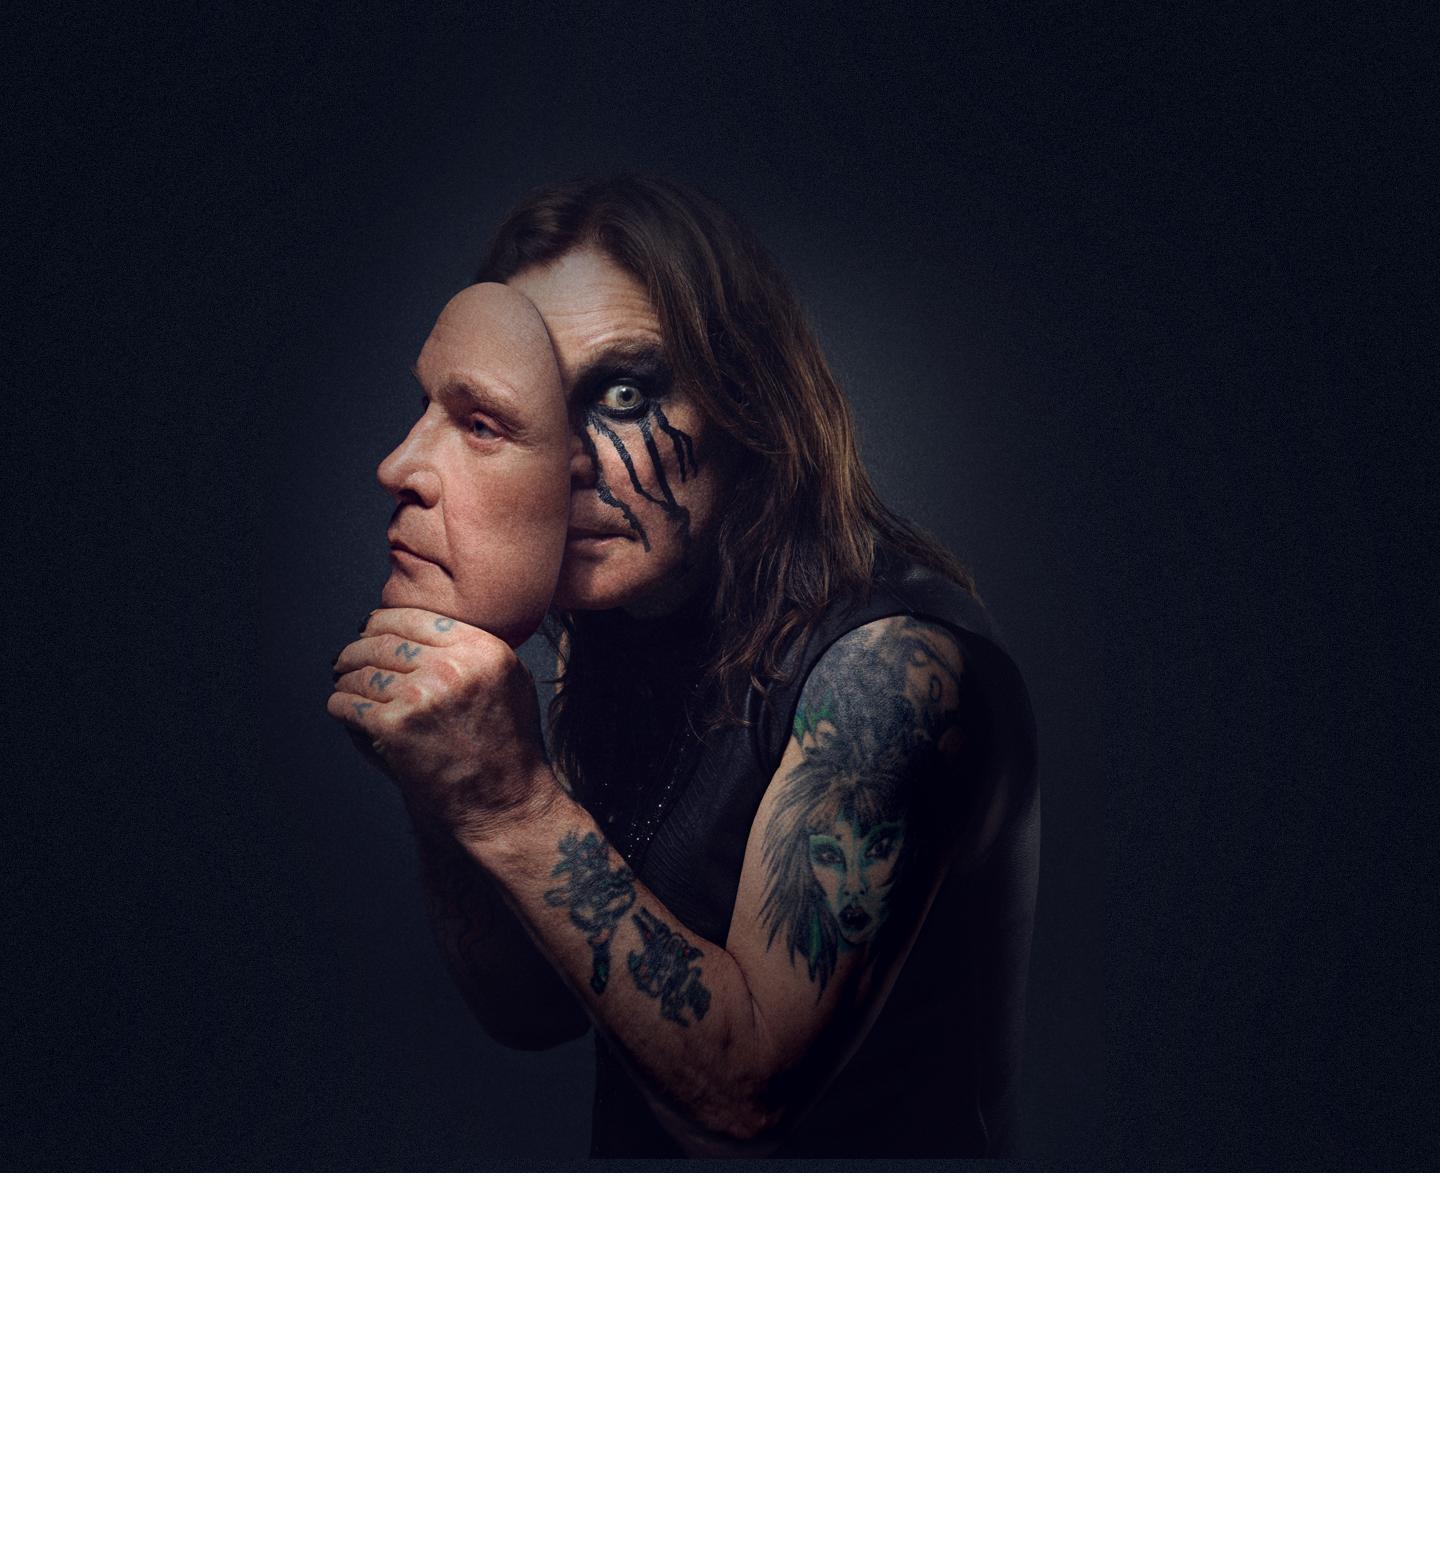 Ozzy Osbourne Tour Dates 2018 2020 Ozzy Osbourne Ozzy Osbourne Tour Black Sabbath